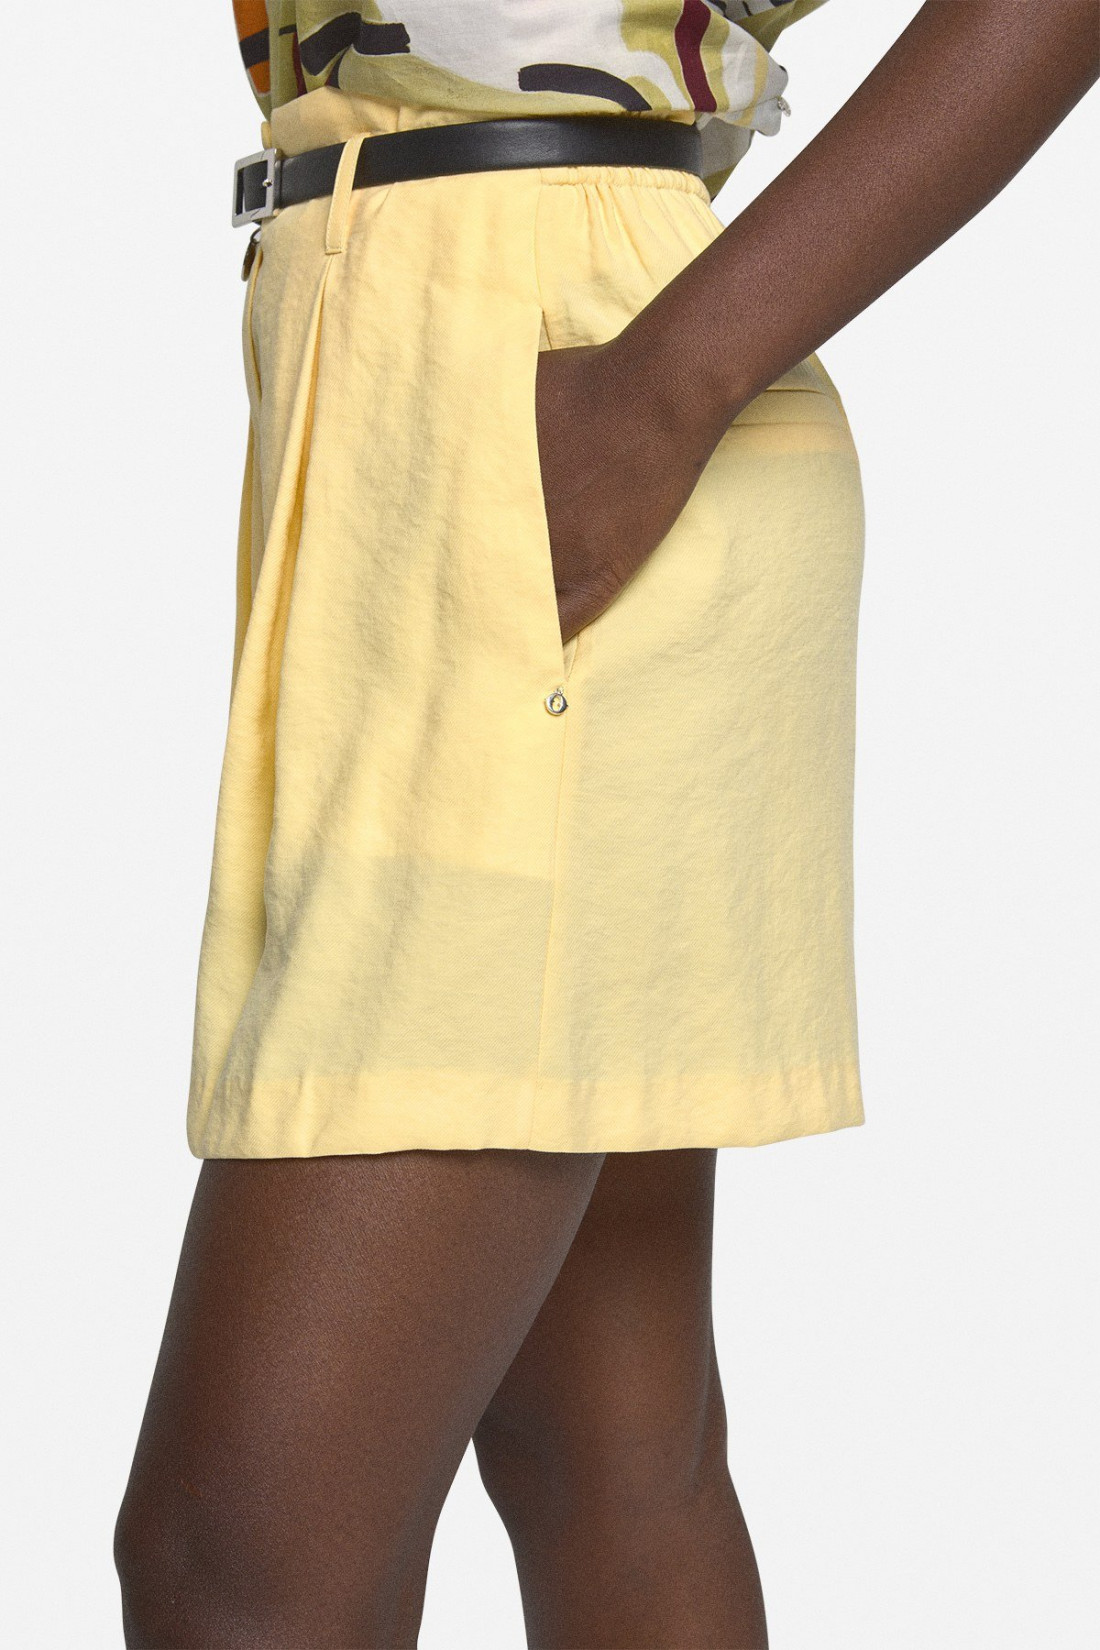 Short fluido con cremallera oculta, trabillas, con bolsillos laterales y dos en la parte posterior. Cinturón en contraste